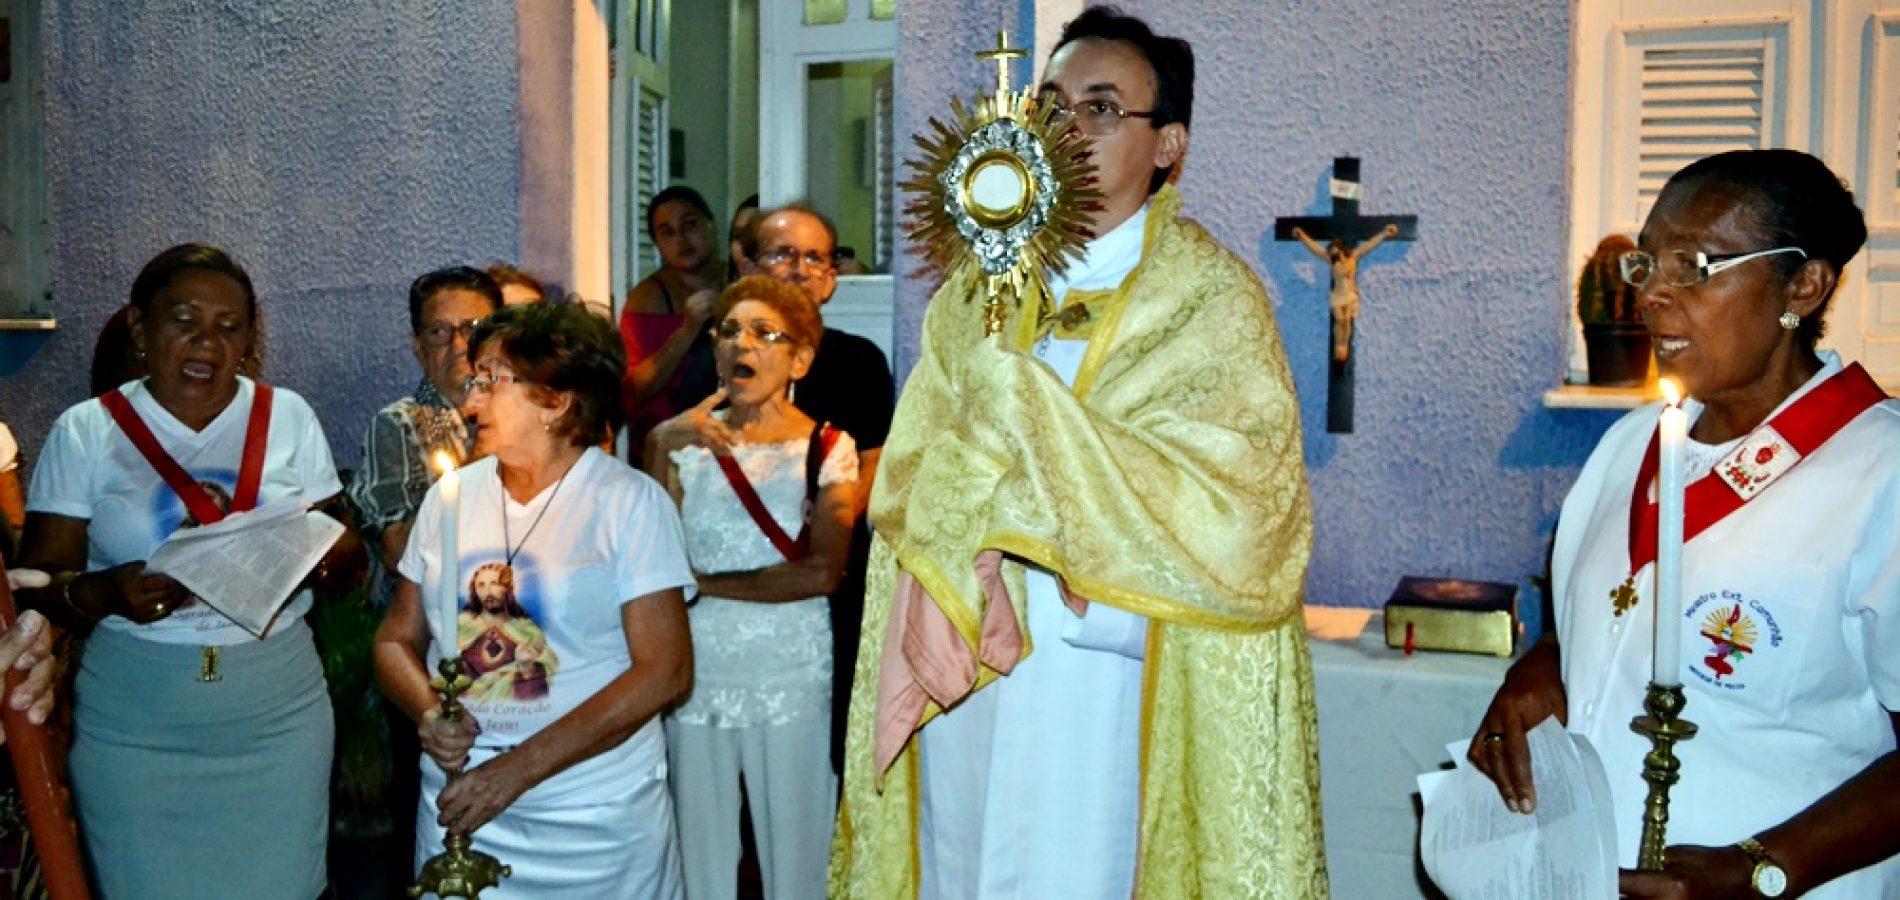 Fieis celebram Corpus Christi com missa e procissão em Jaicós; veja imagens